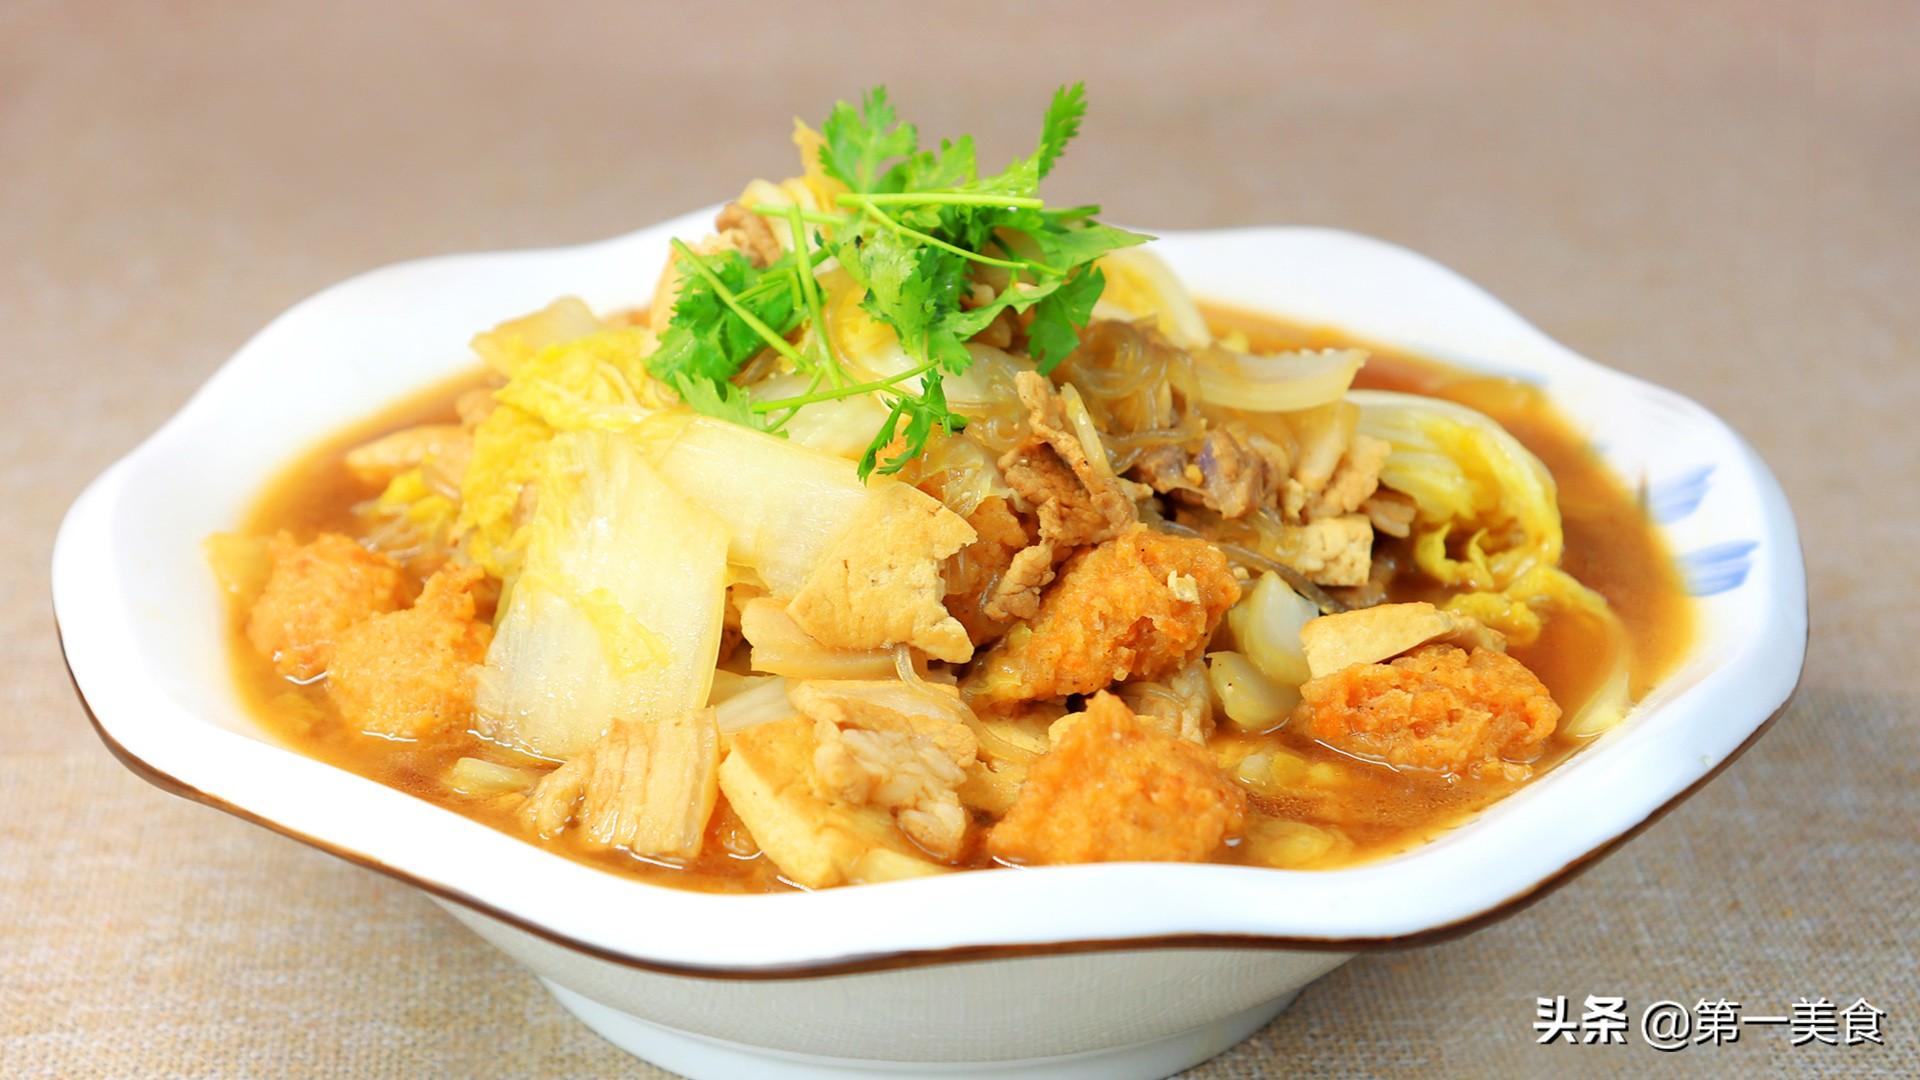 大烩菜怎样做才好吃,大厨分享做法和技巧,简单易学,美味又实惠 美食做法 第11张